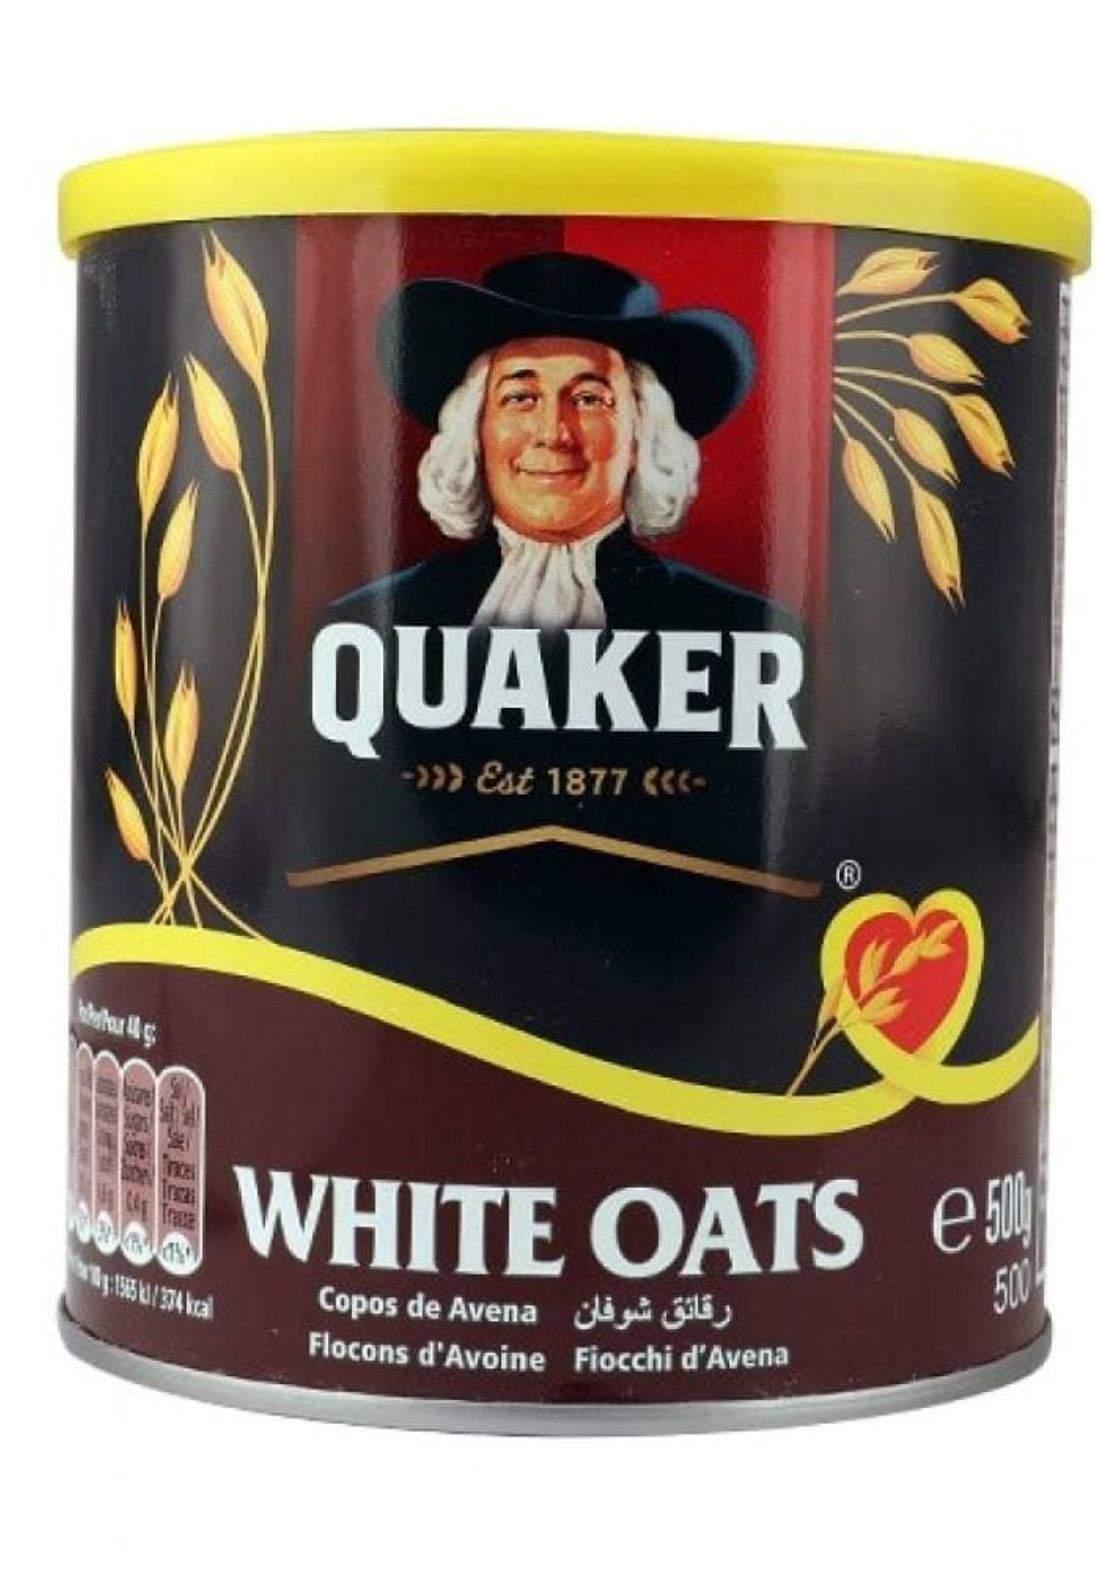 Quaker 500g رقائق شوفان كويكر